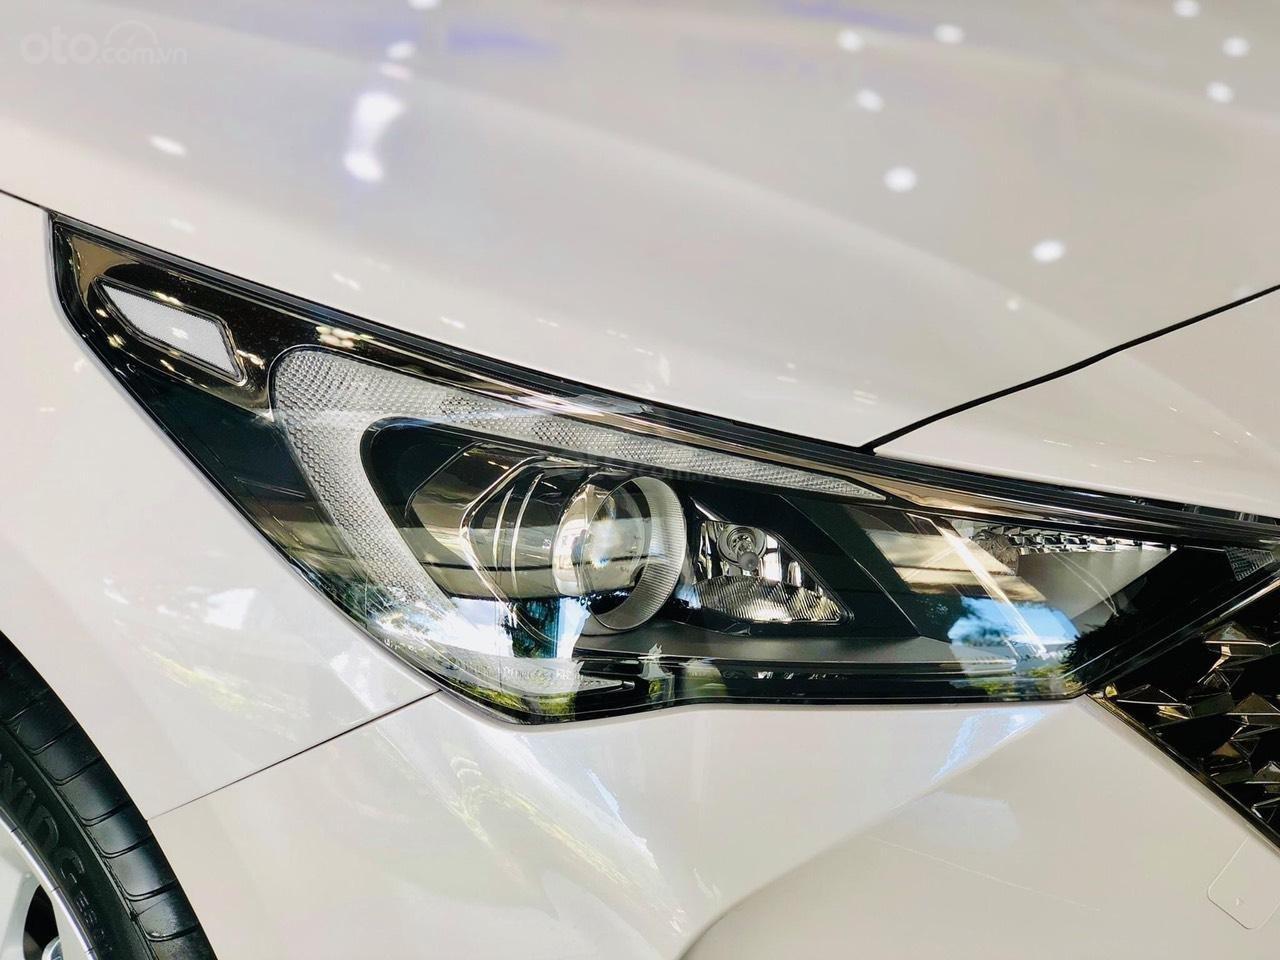 {Hyundai Miền Nam} Hyundai Accent 2021 có sẵn đủ màu tặng phụ kiện: Combo 7 món phụ kiện chính hãng (7)